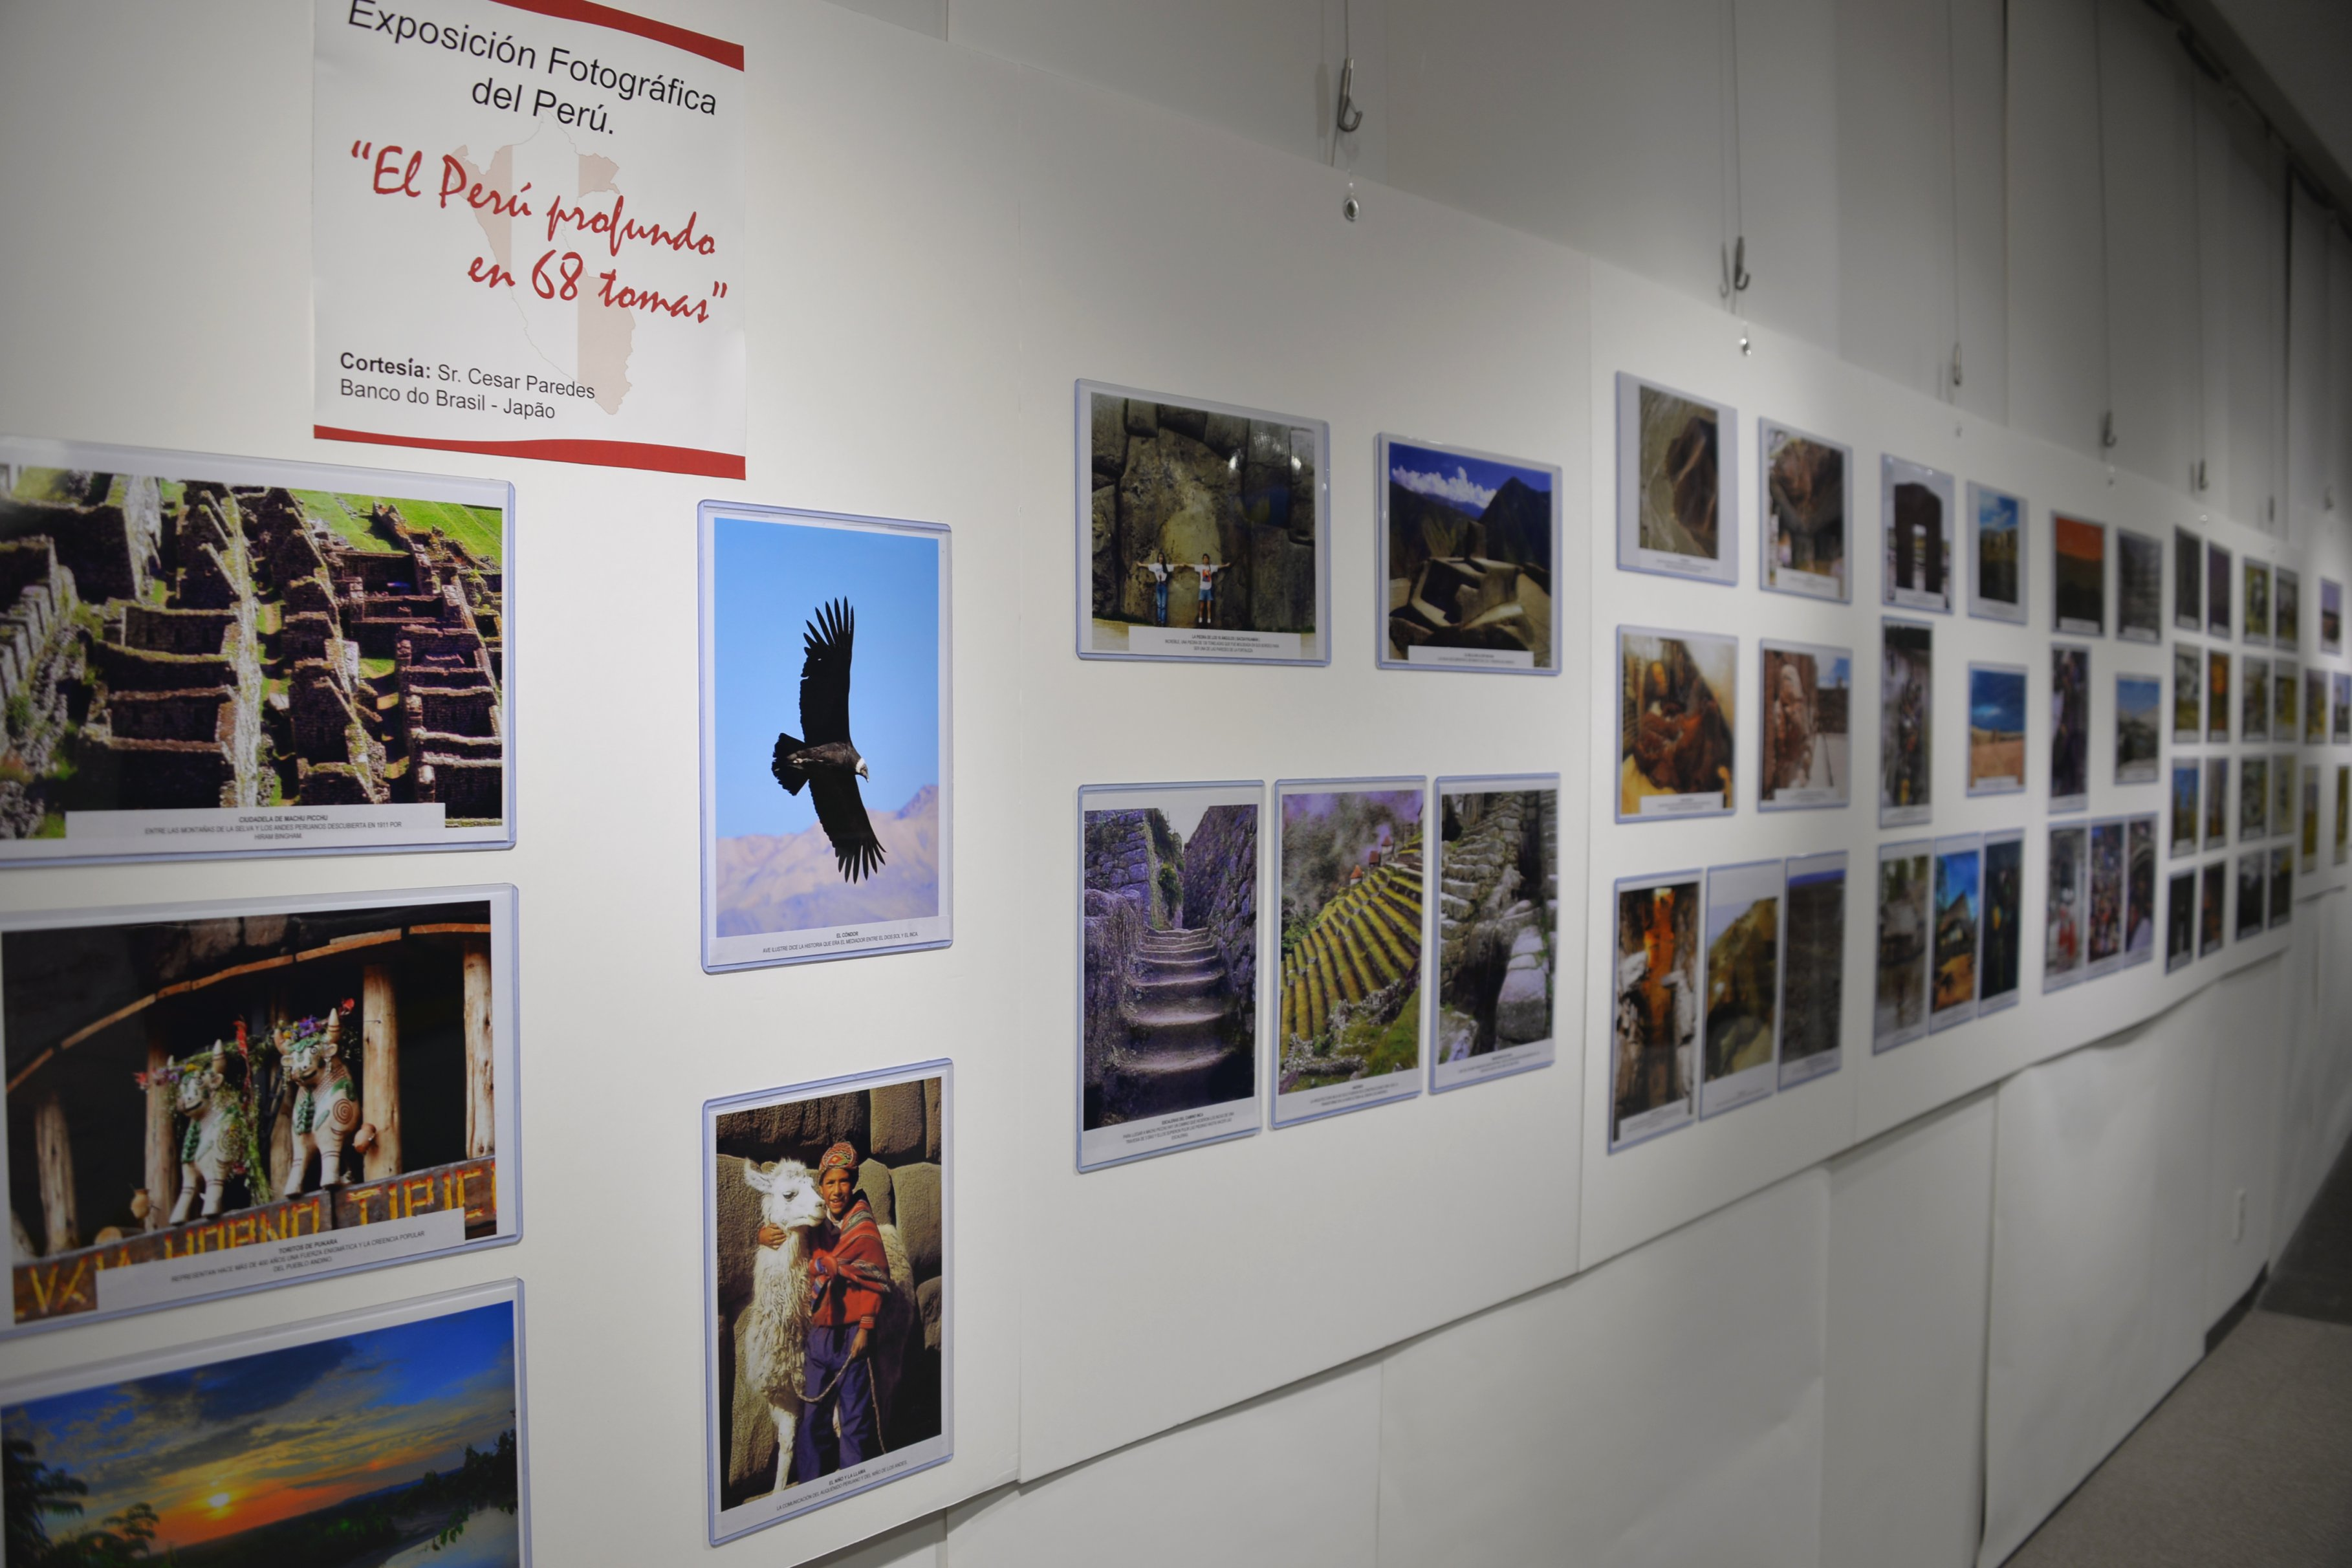 """Exposición fotográfica """"El Perú profundo em 68 tomas"""","""